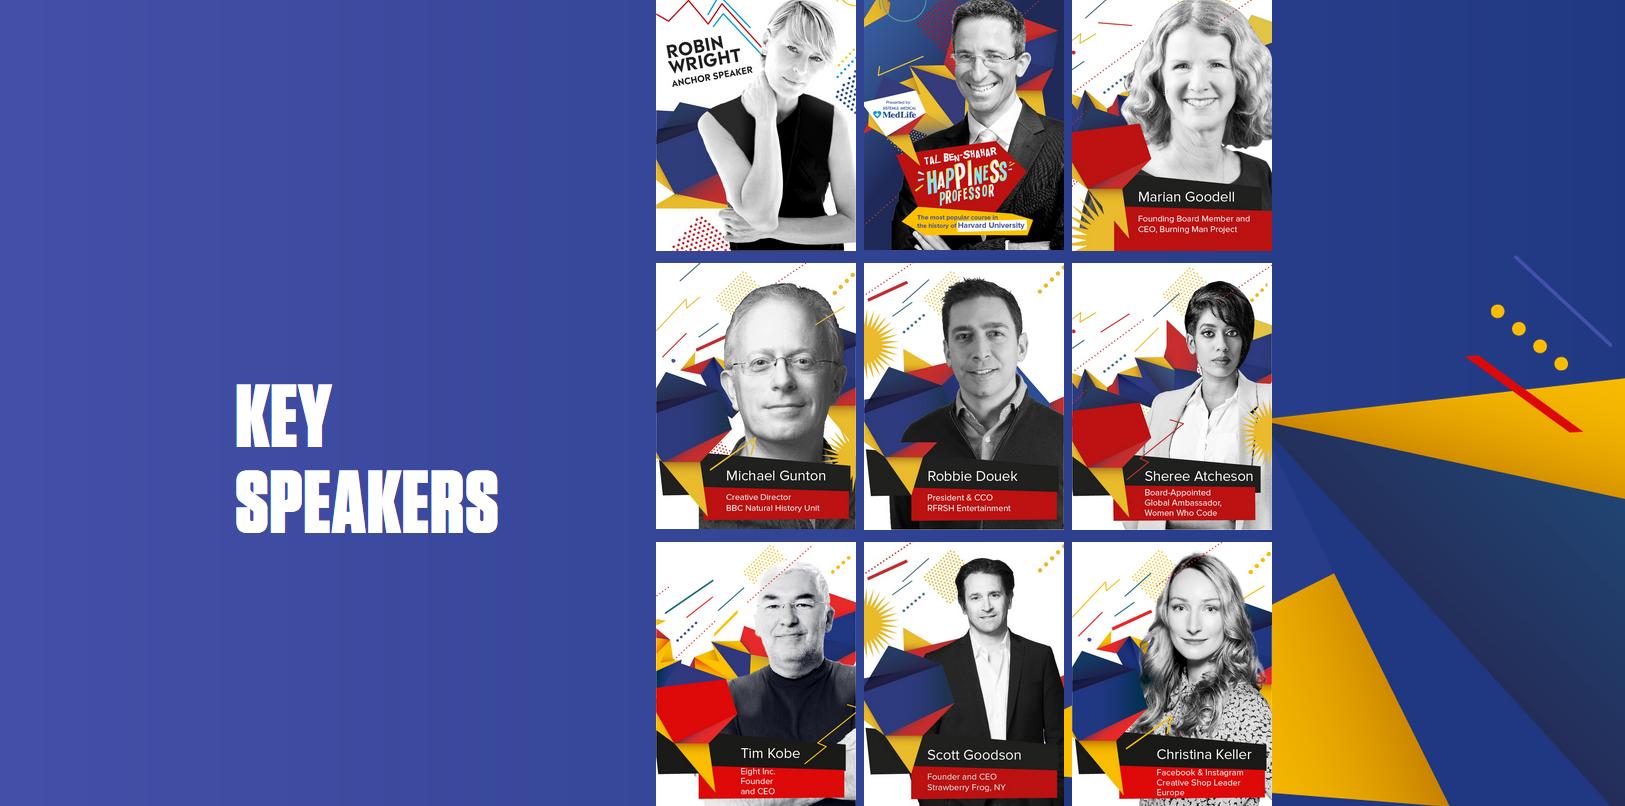 Când deschizi siteul conferinței, http://www.creativity4better.com/, apare Robin Wright, dar nu apare, în prima pagină, tocmai numele celui care este Star Speaker